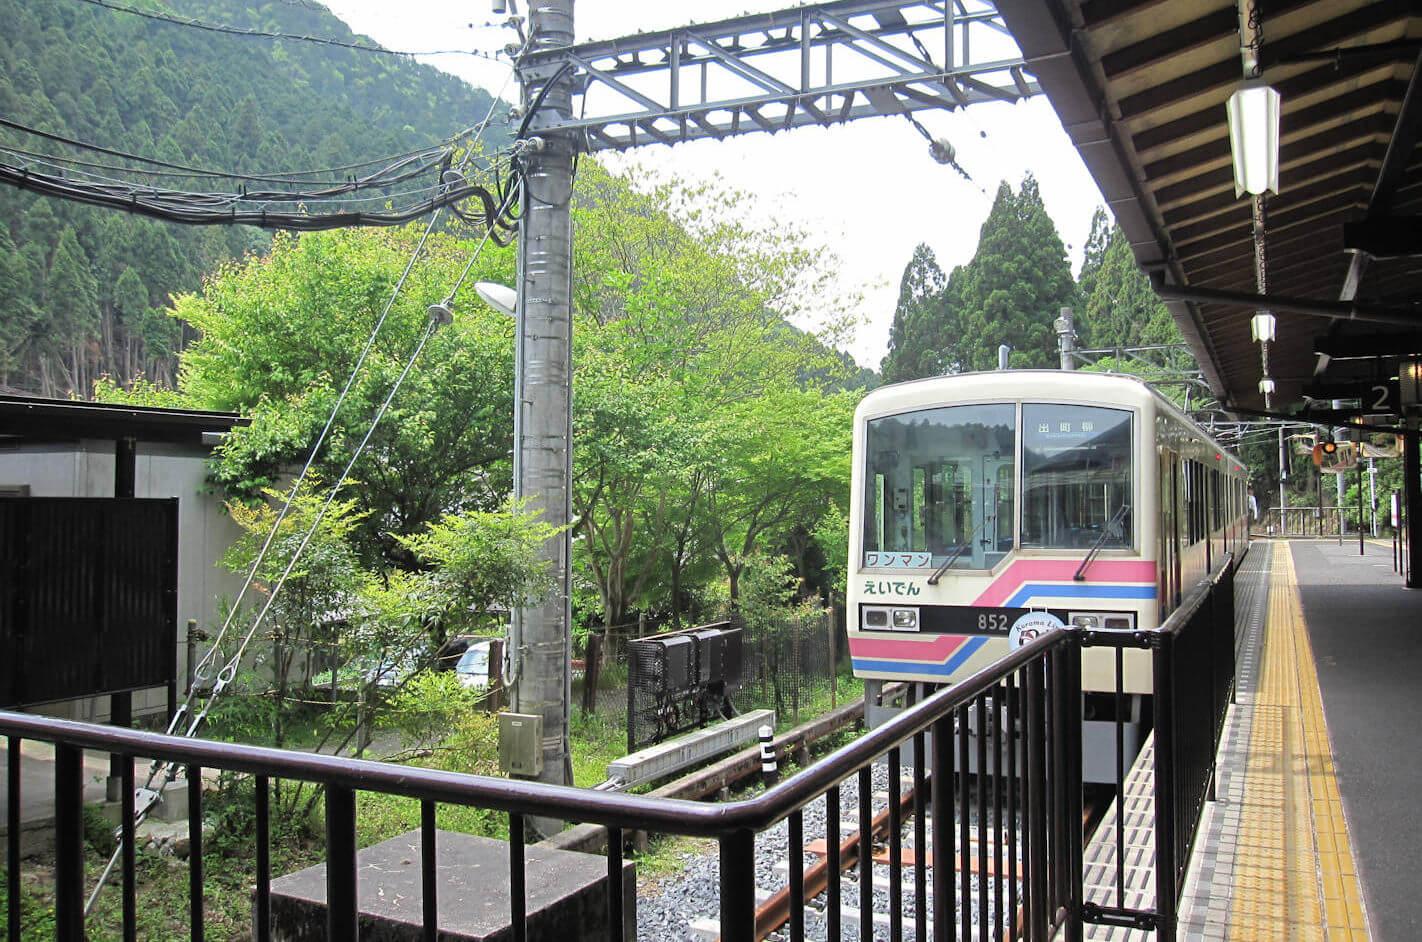 叡山電鉄の電車